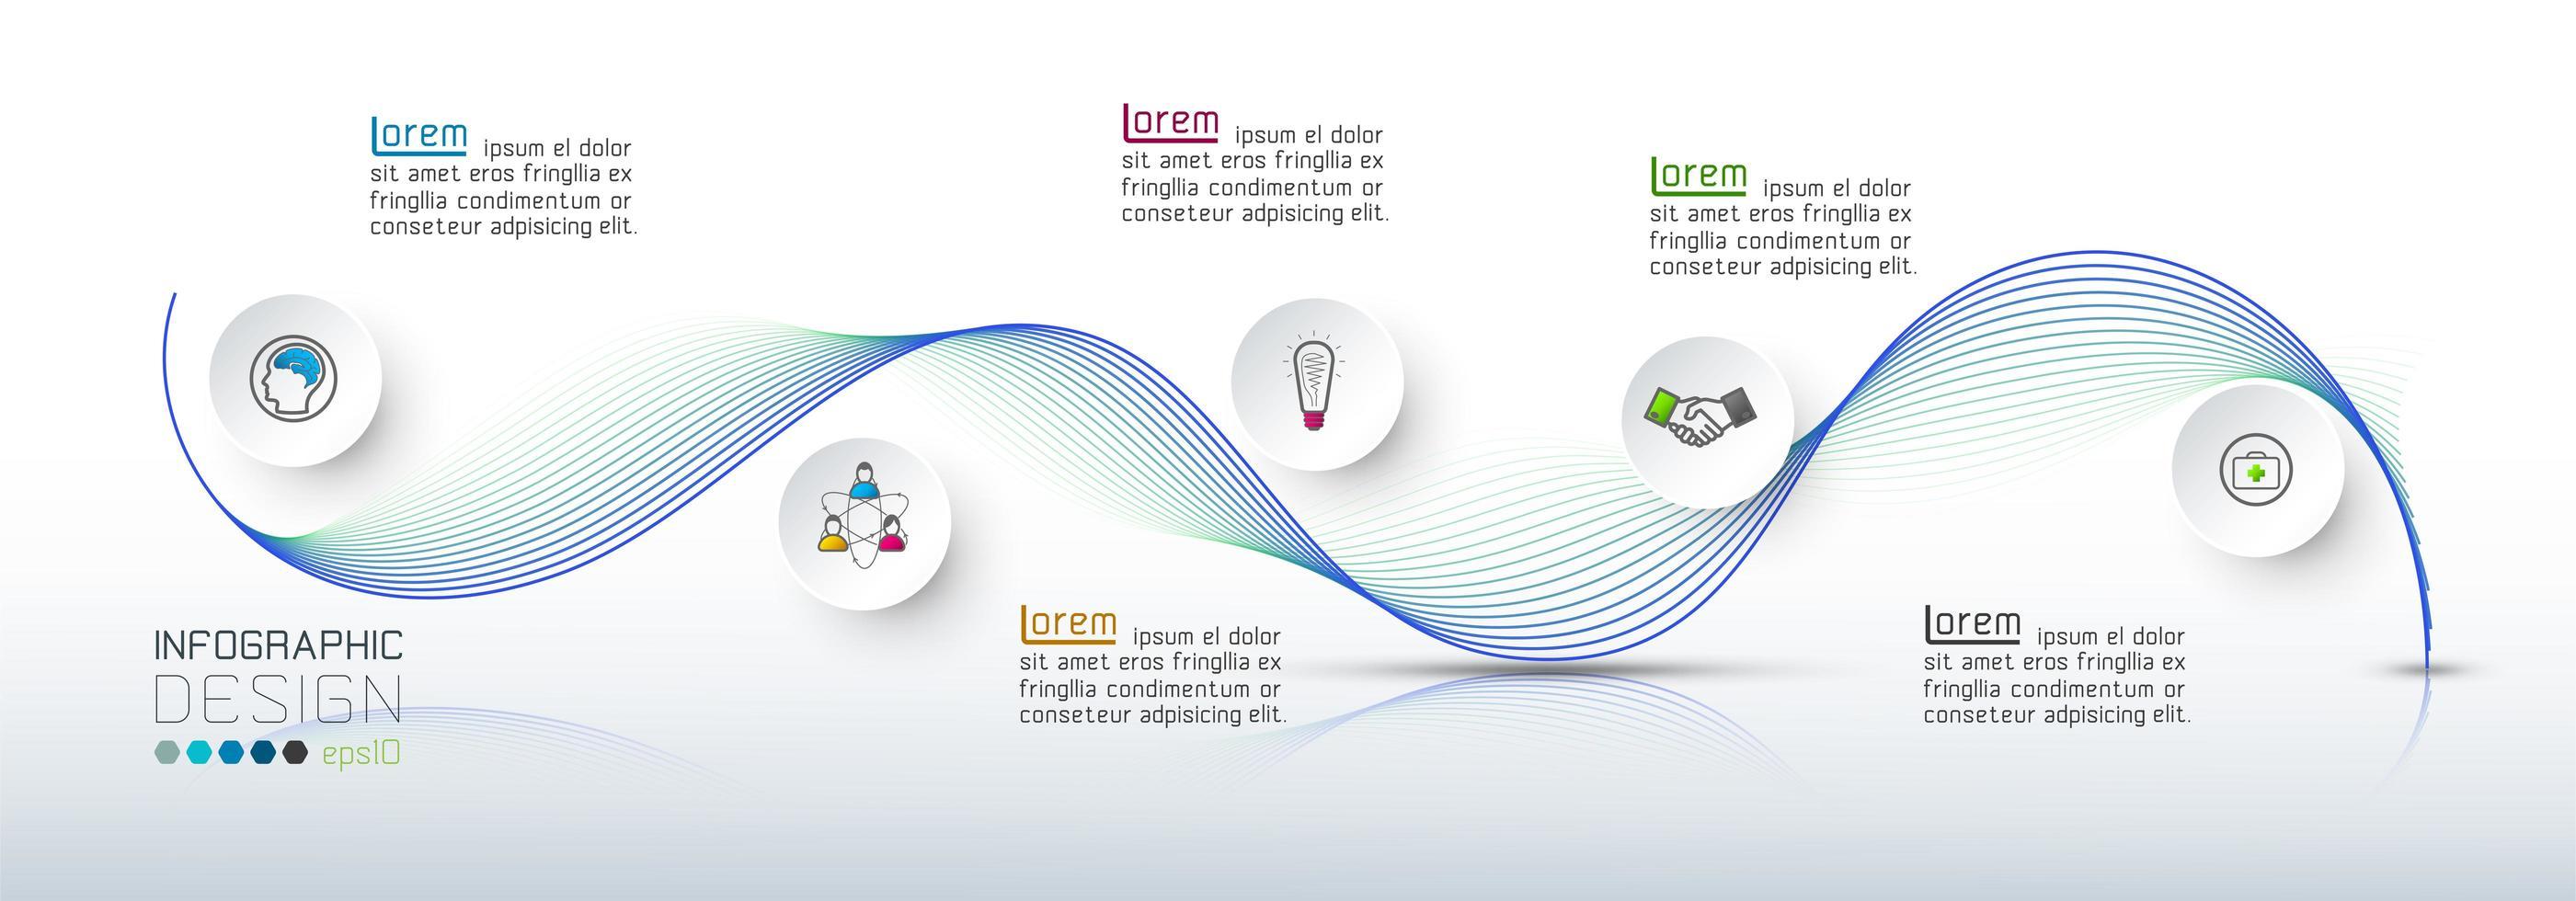 presentazione della struttura tecnologica dell'innovazione per le imprese vettore